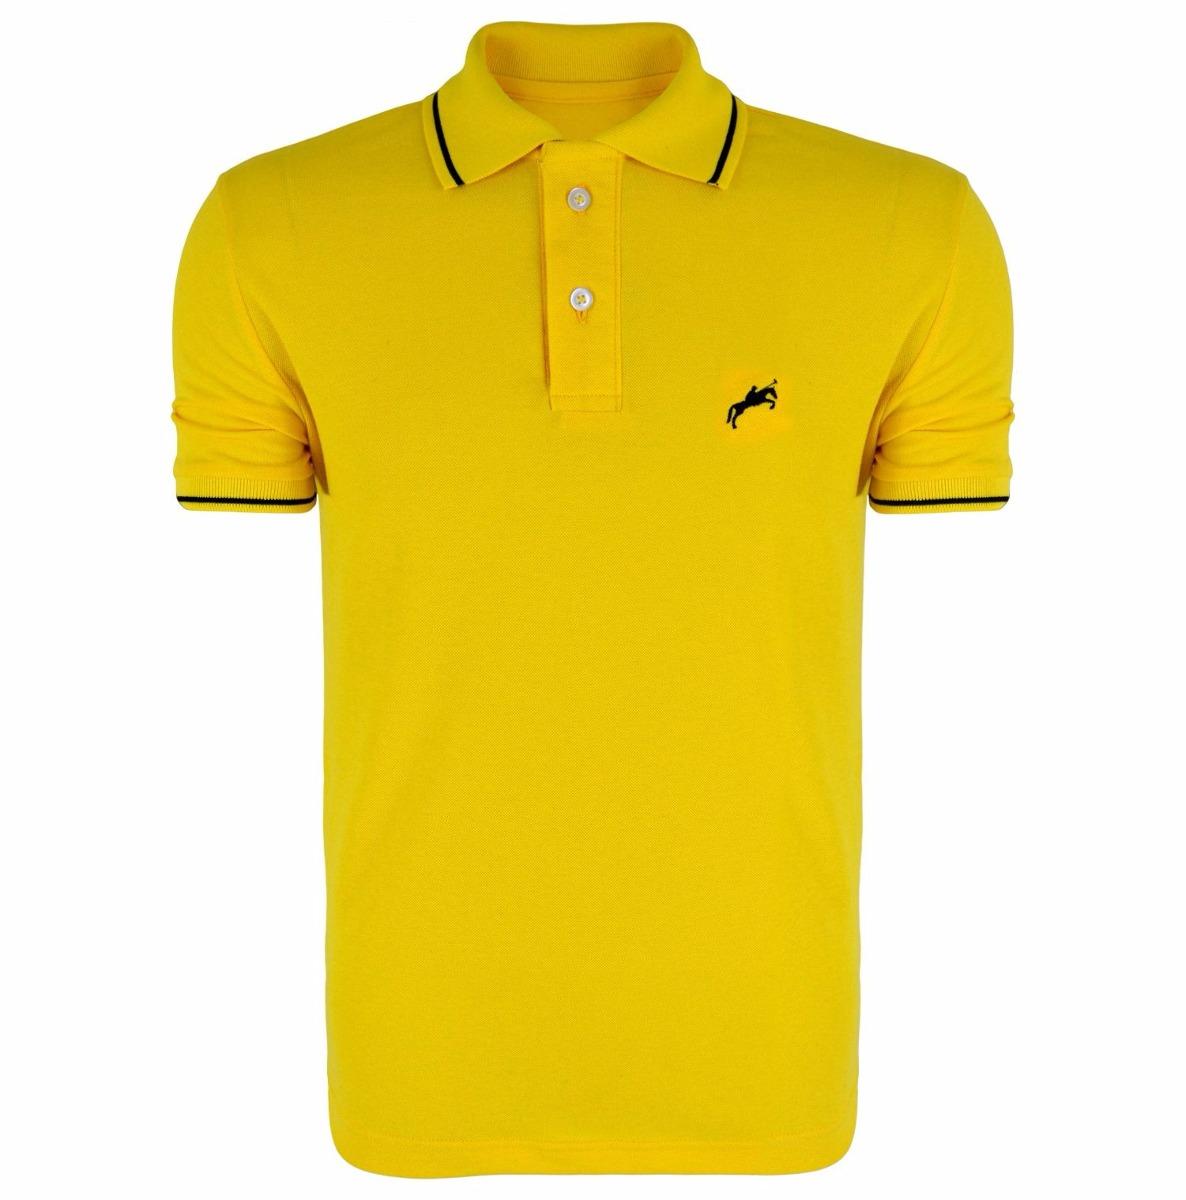 257a0f5703 kit com 10 camisas polo preço de atacado promoção outlet fg. Carregando  zoom.